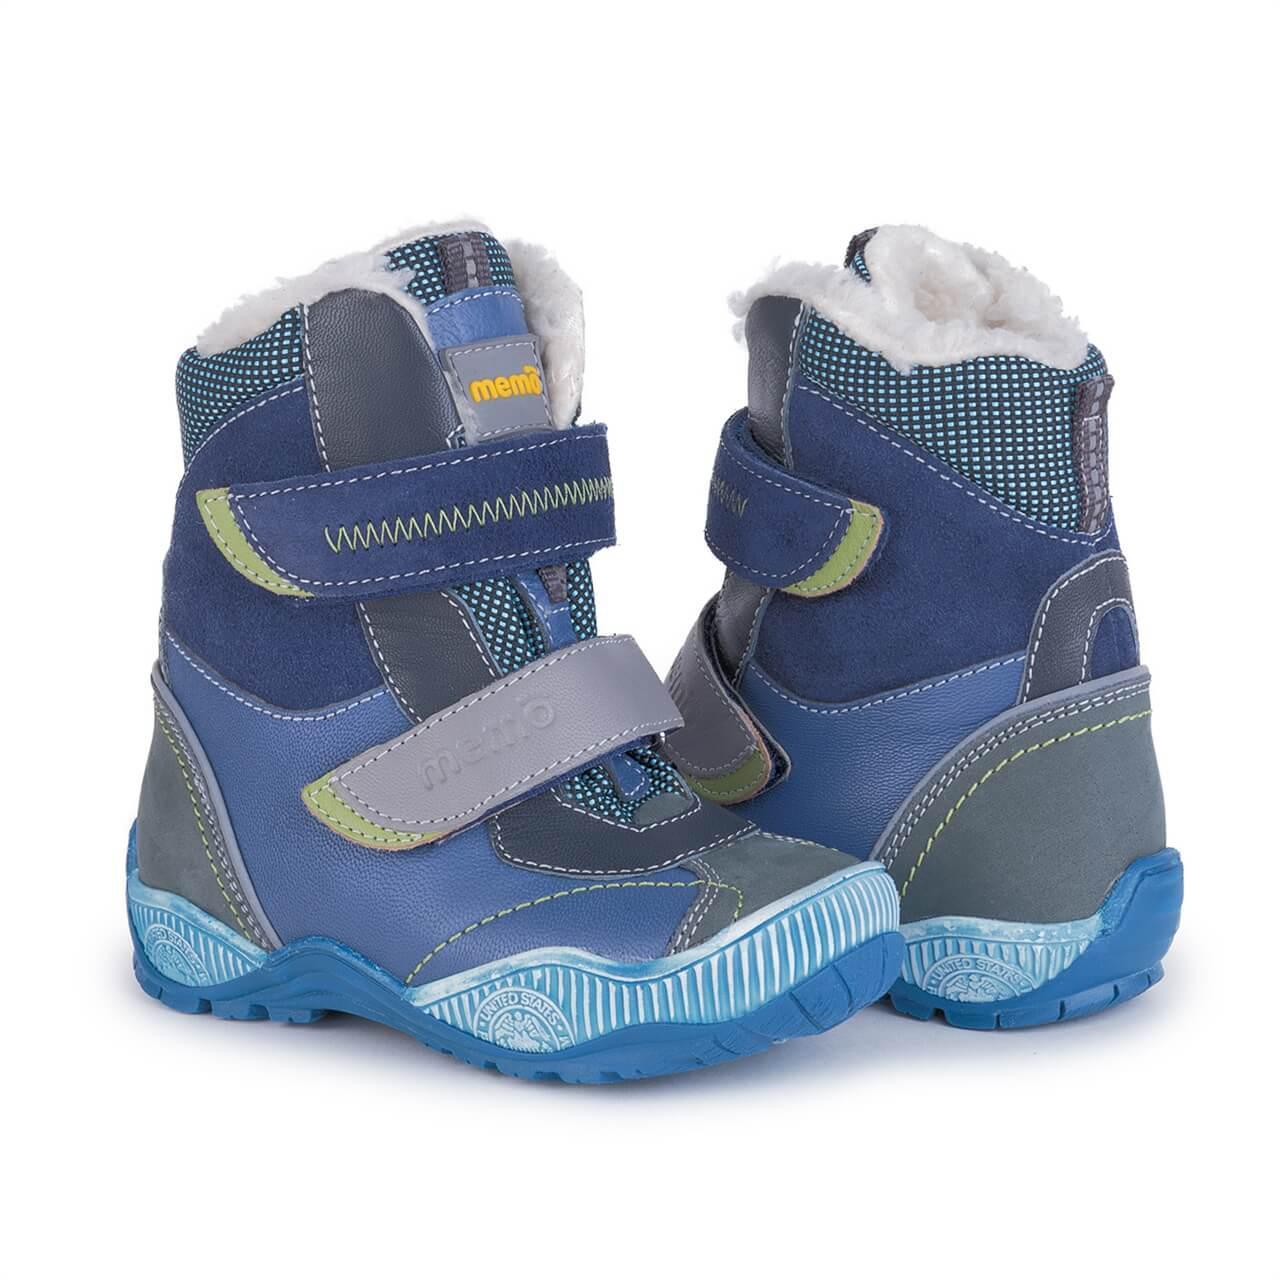 Купить Зимние ортопедические ботинки для детей Memo Aspen 1DA синие 22